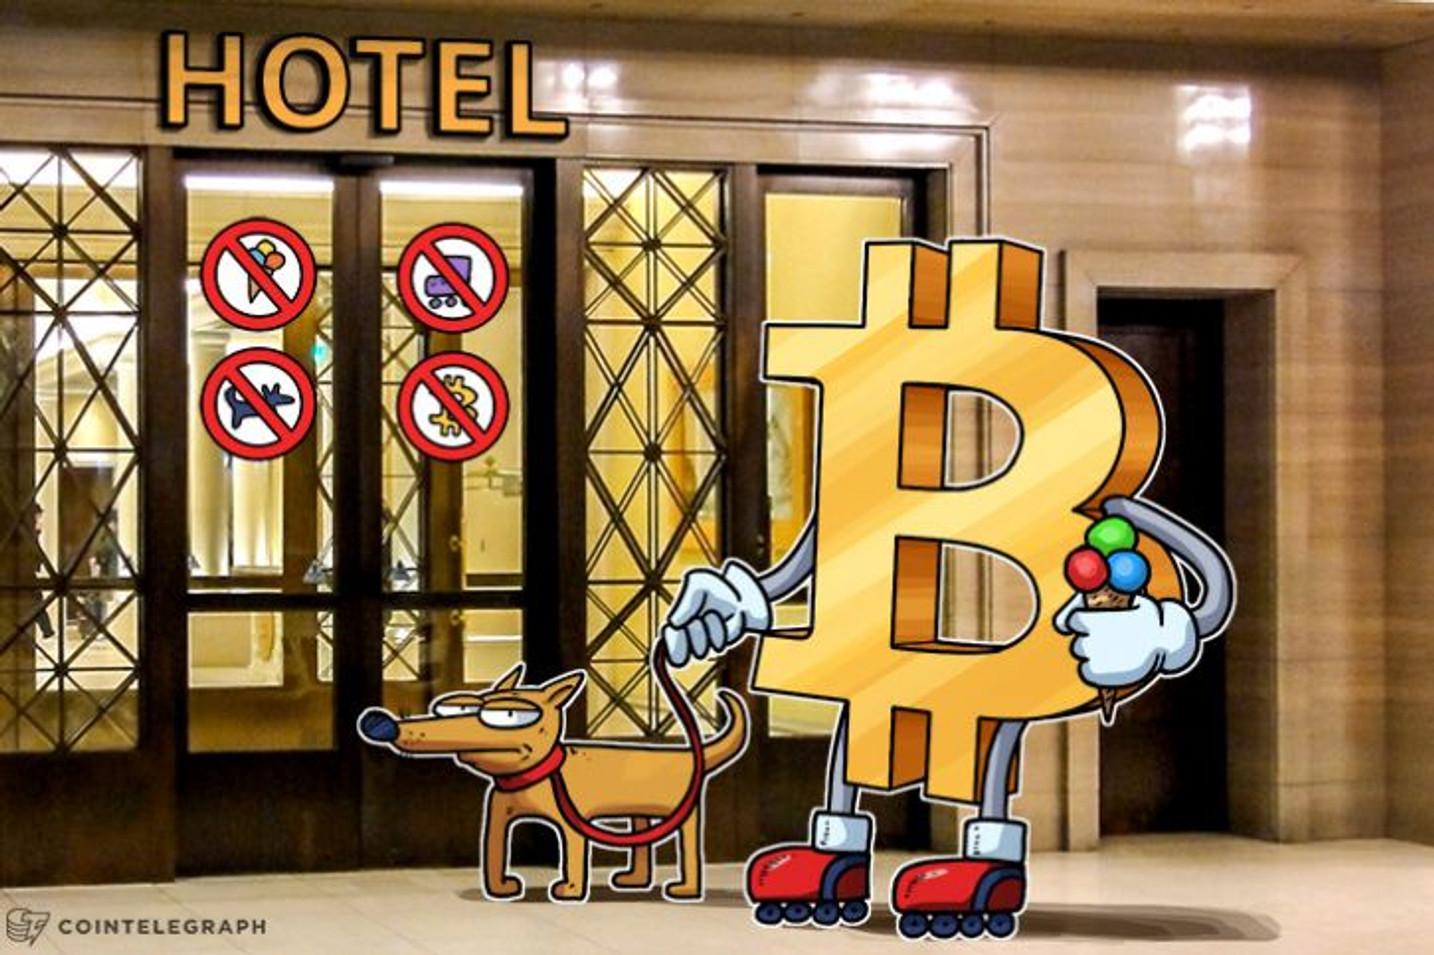 Zašto Expedia, Airbnb, Booking .com i dalje ne prihvataju Bitkoin